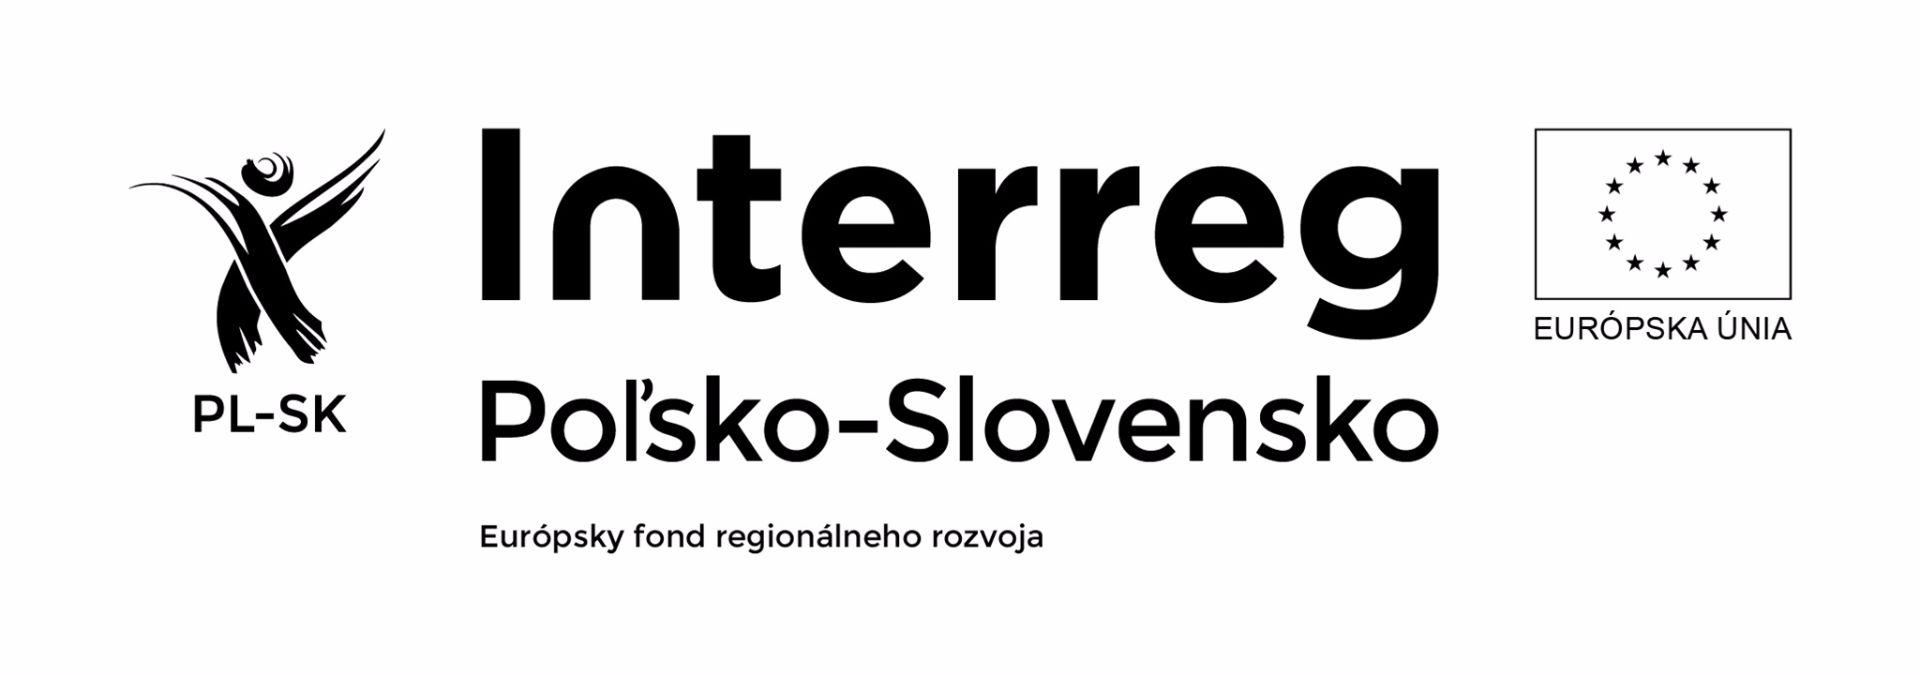 Poland-Slovakia_SK_01+FUND_BW